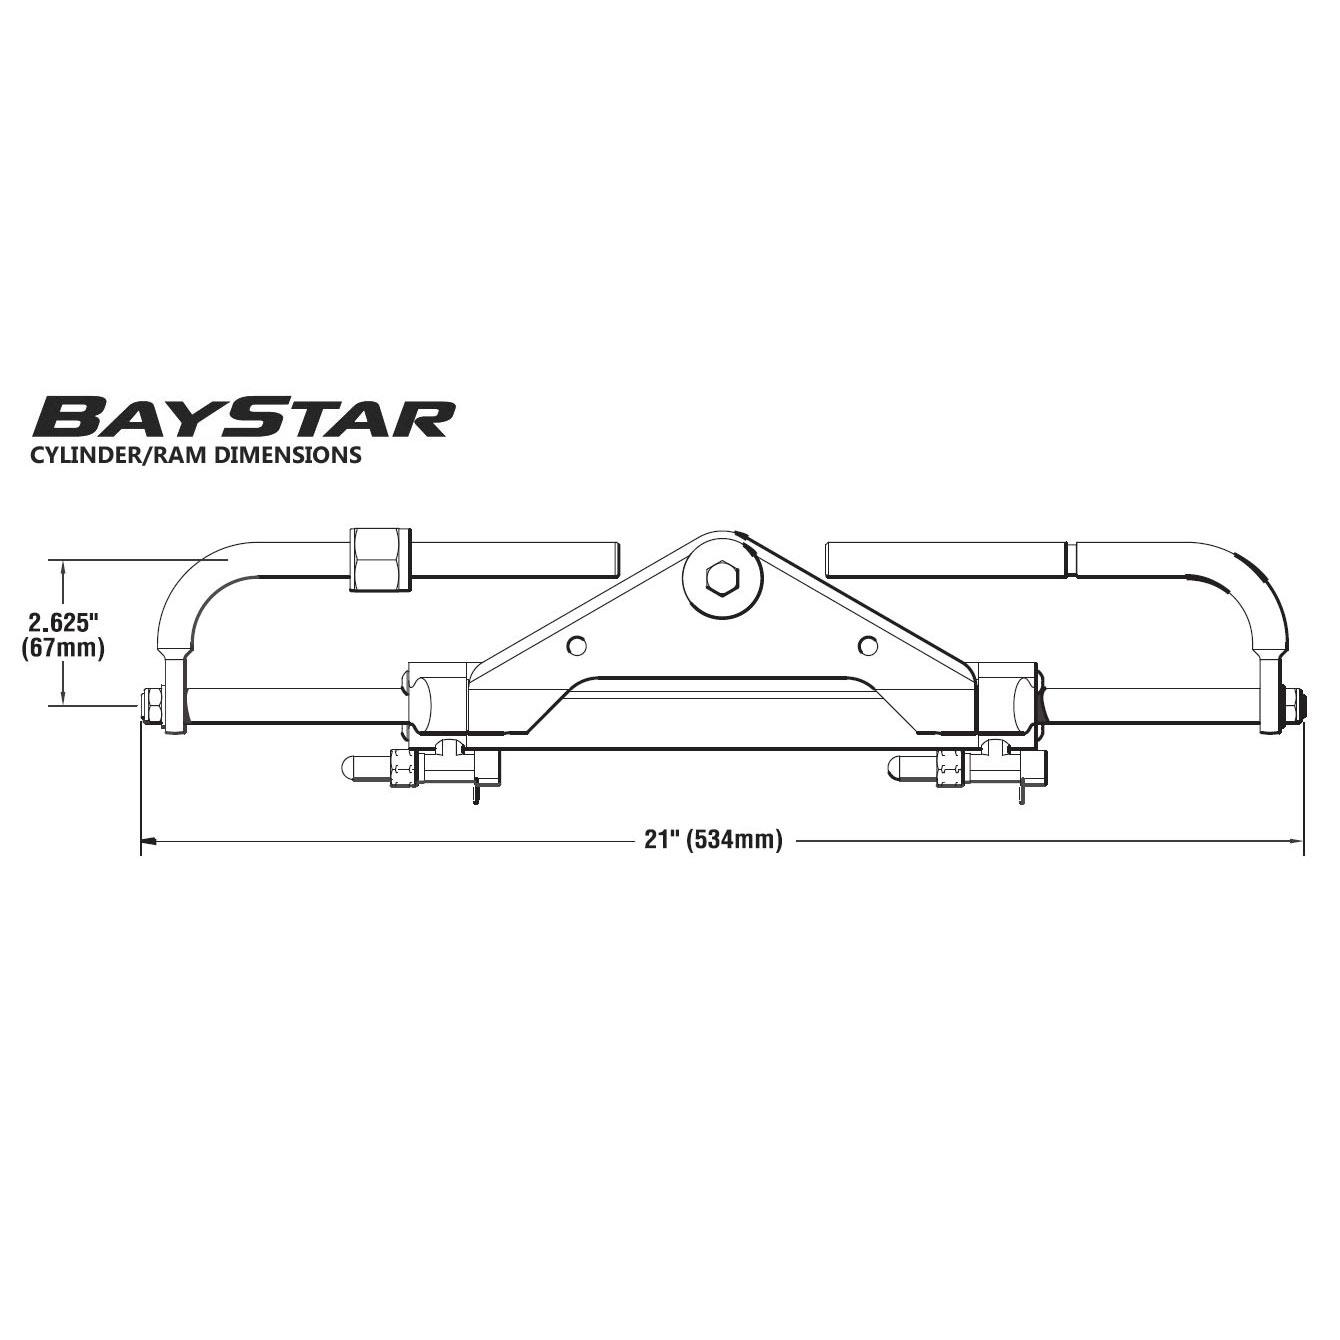 Hydraulic Ram Diagram